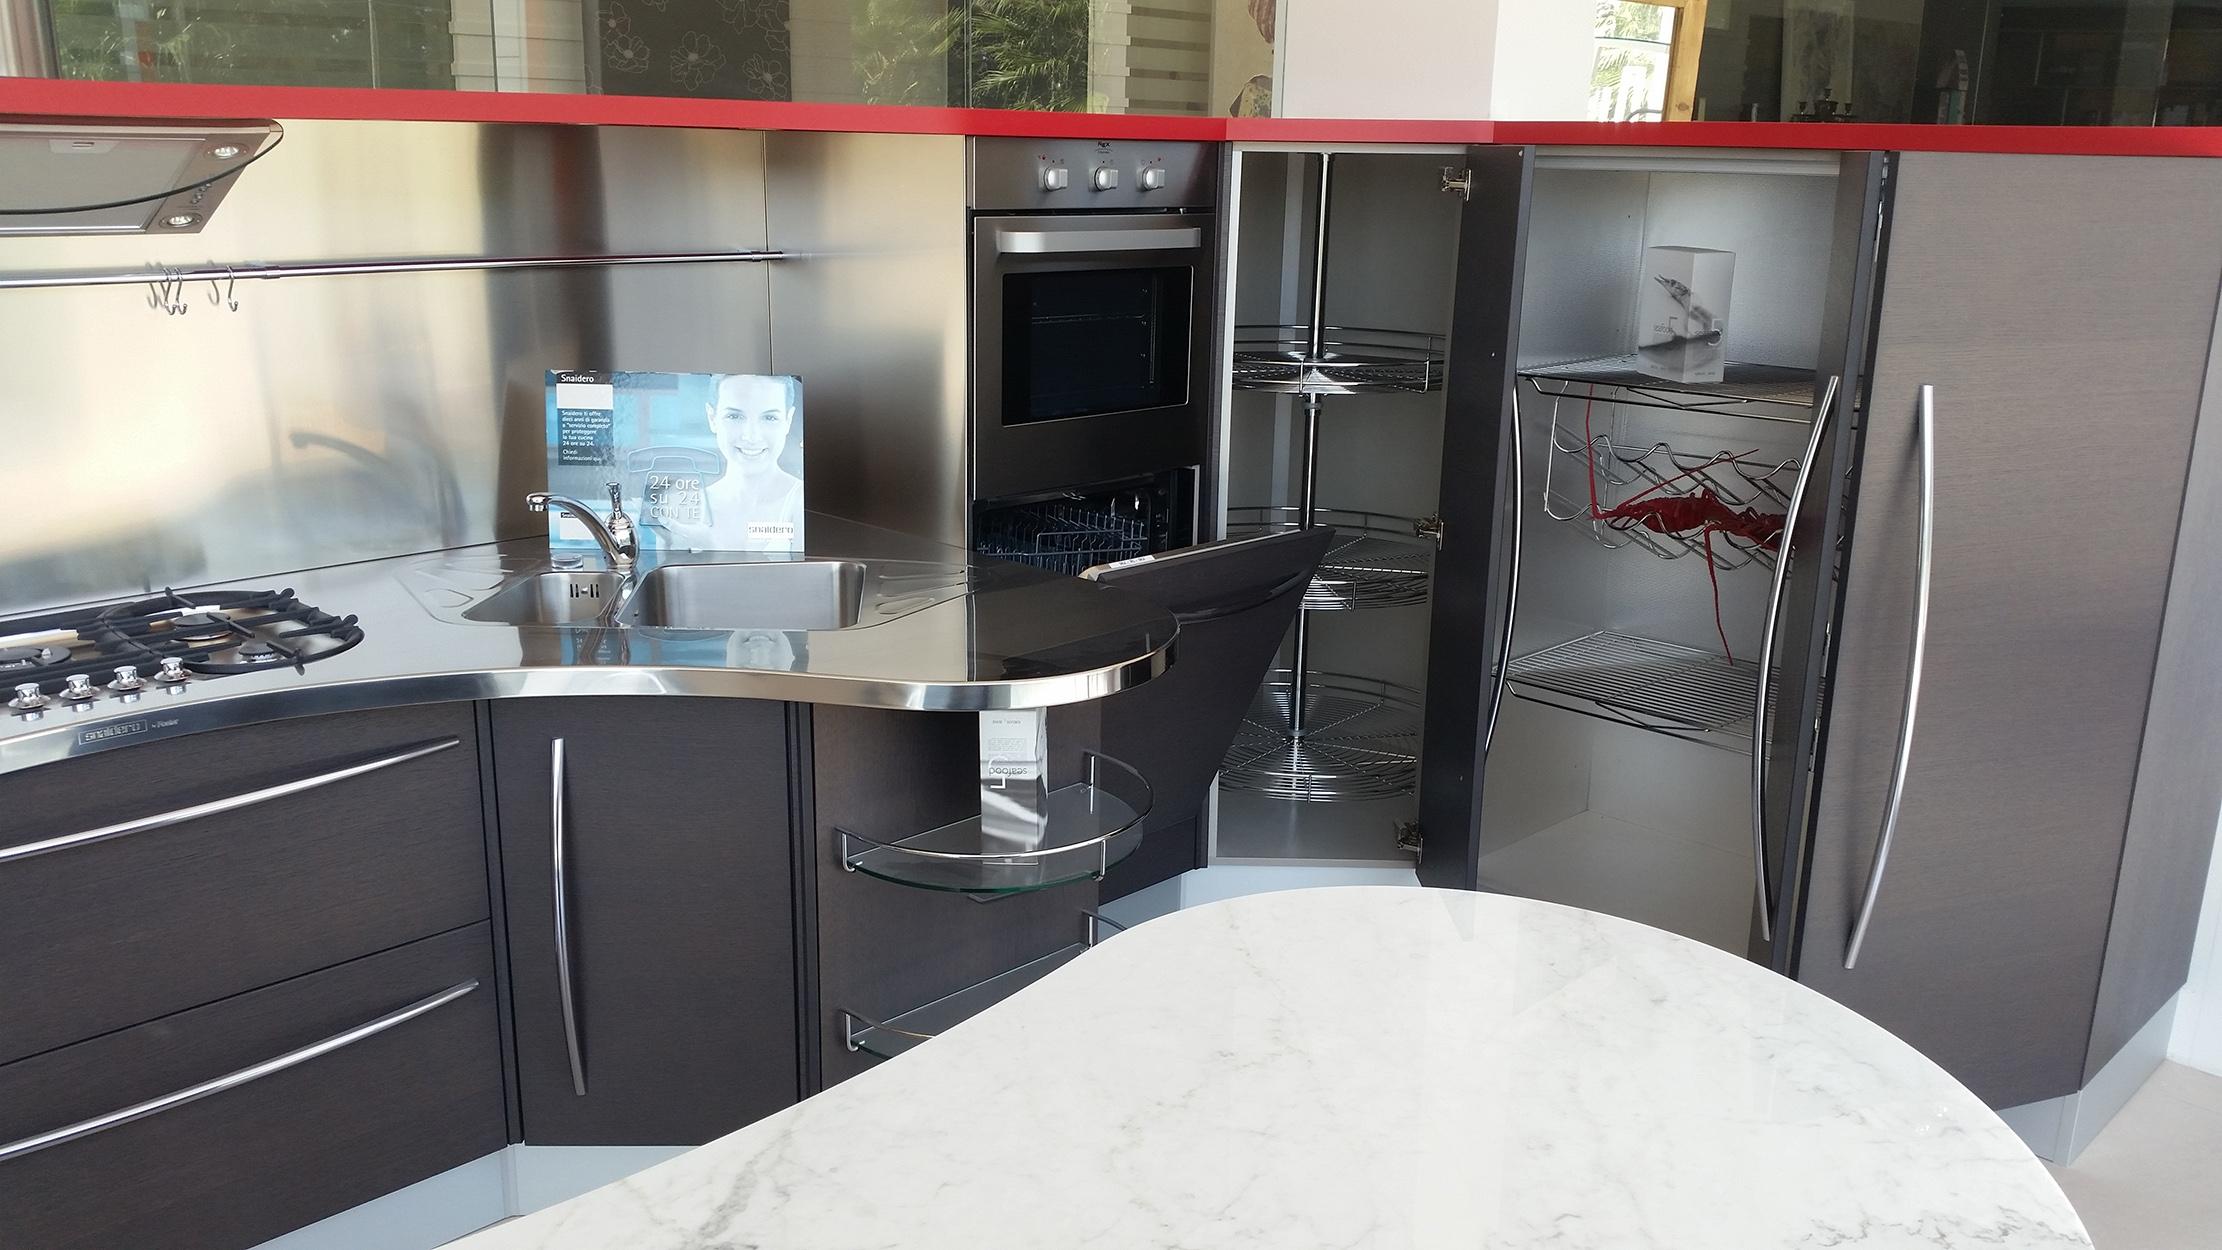 Snaidero cucina skyline scontato del 55 cucine a - Cucine faber prezzi ...